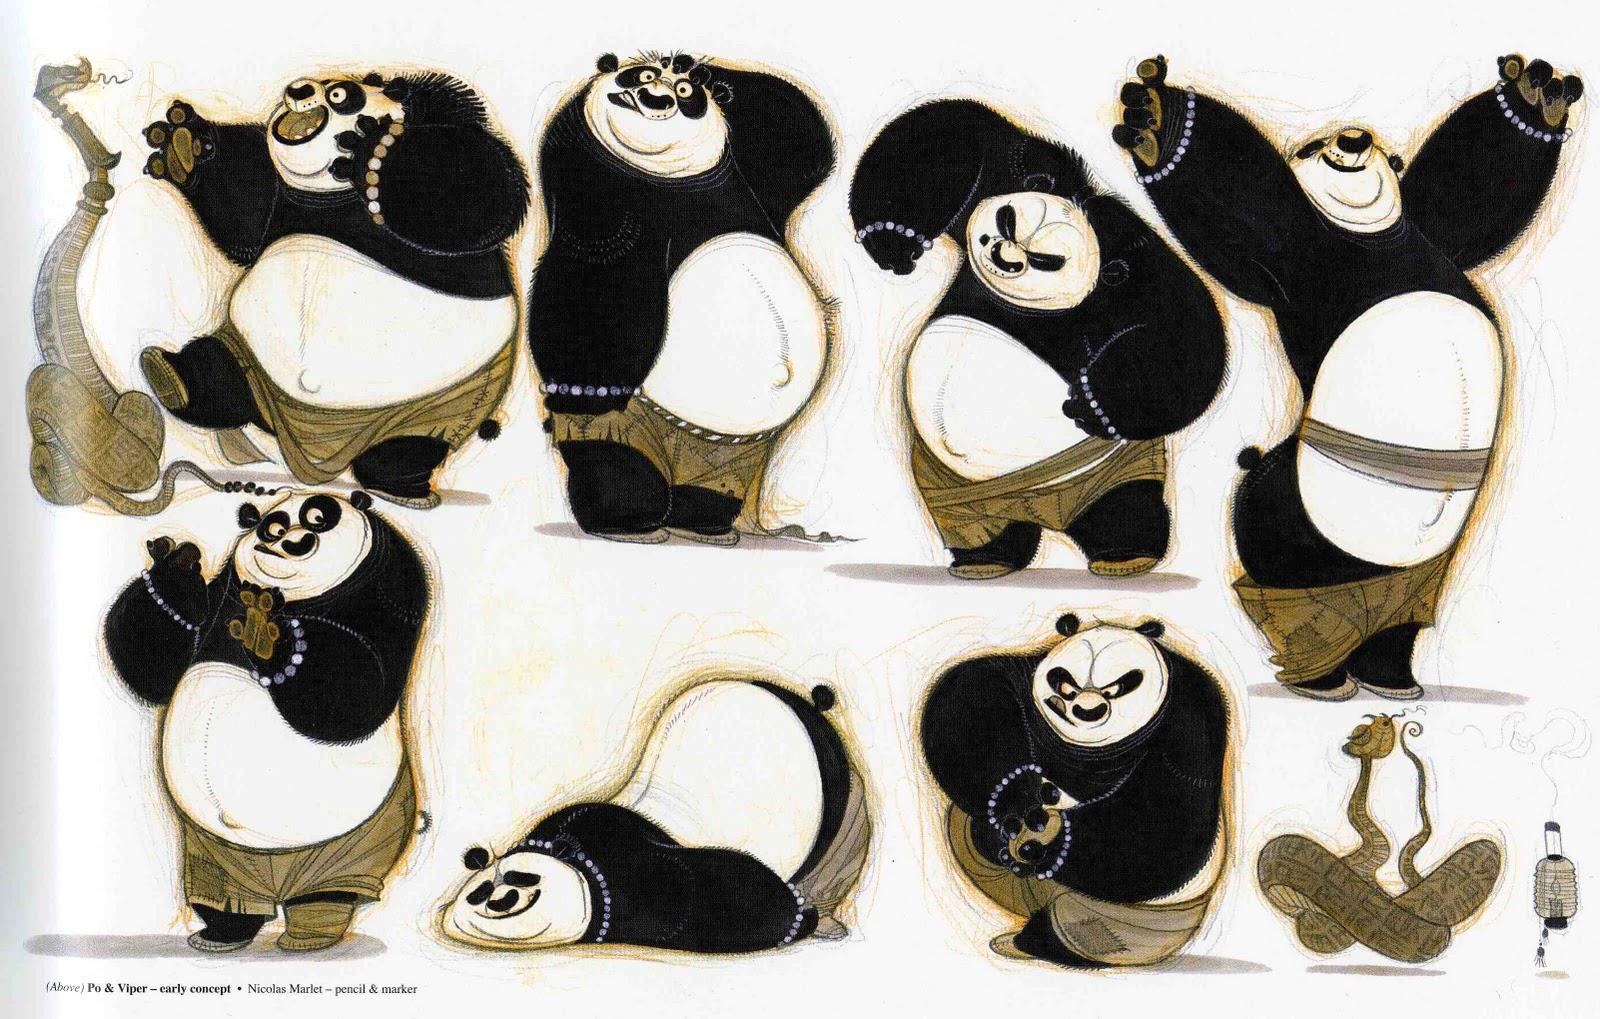 Kung Fu Panda Characters Design Pesquisa Google Kung Fu Panda Panda Artwork Character Design